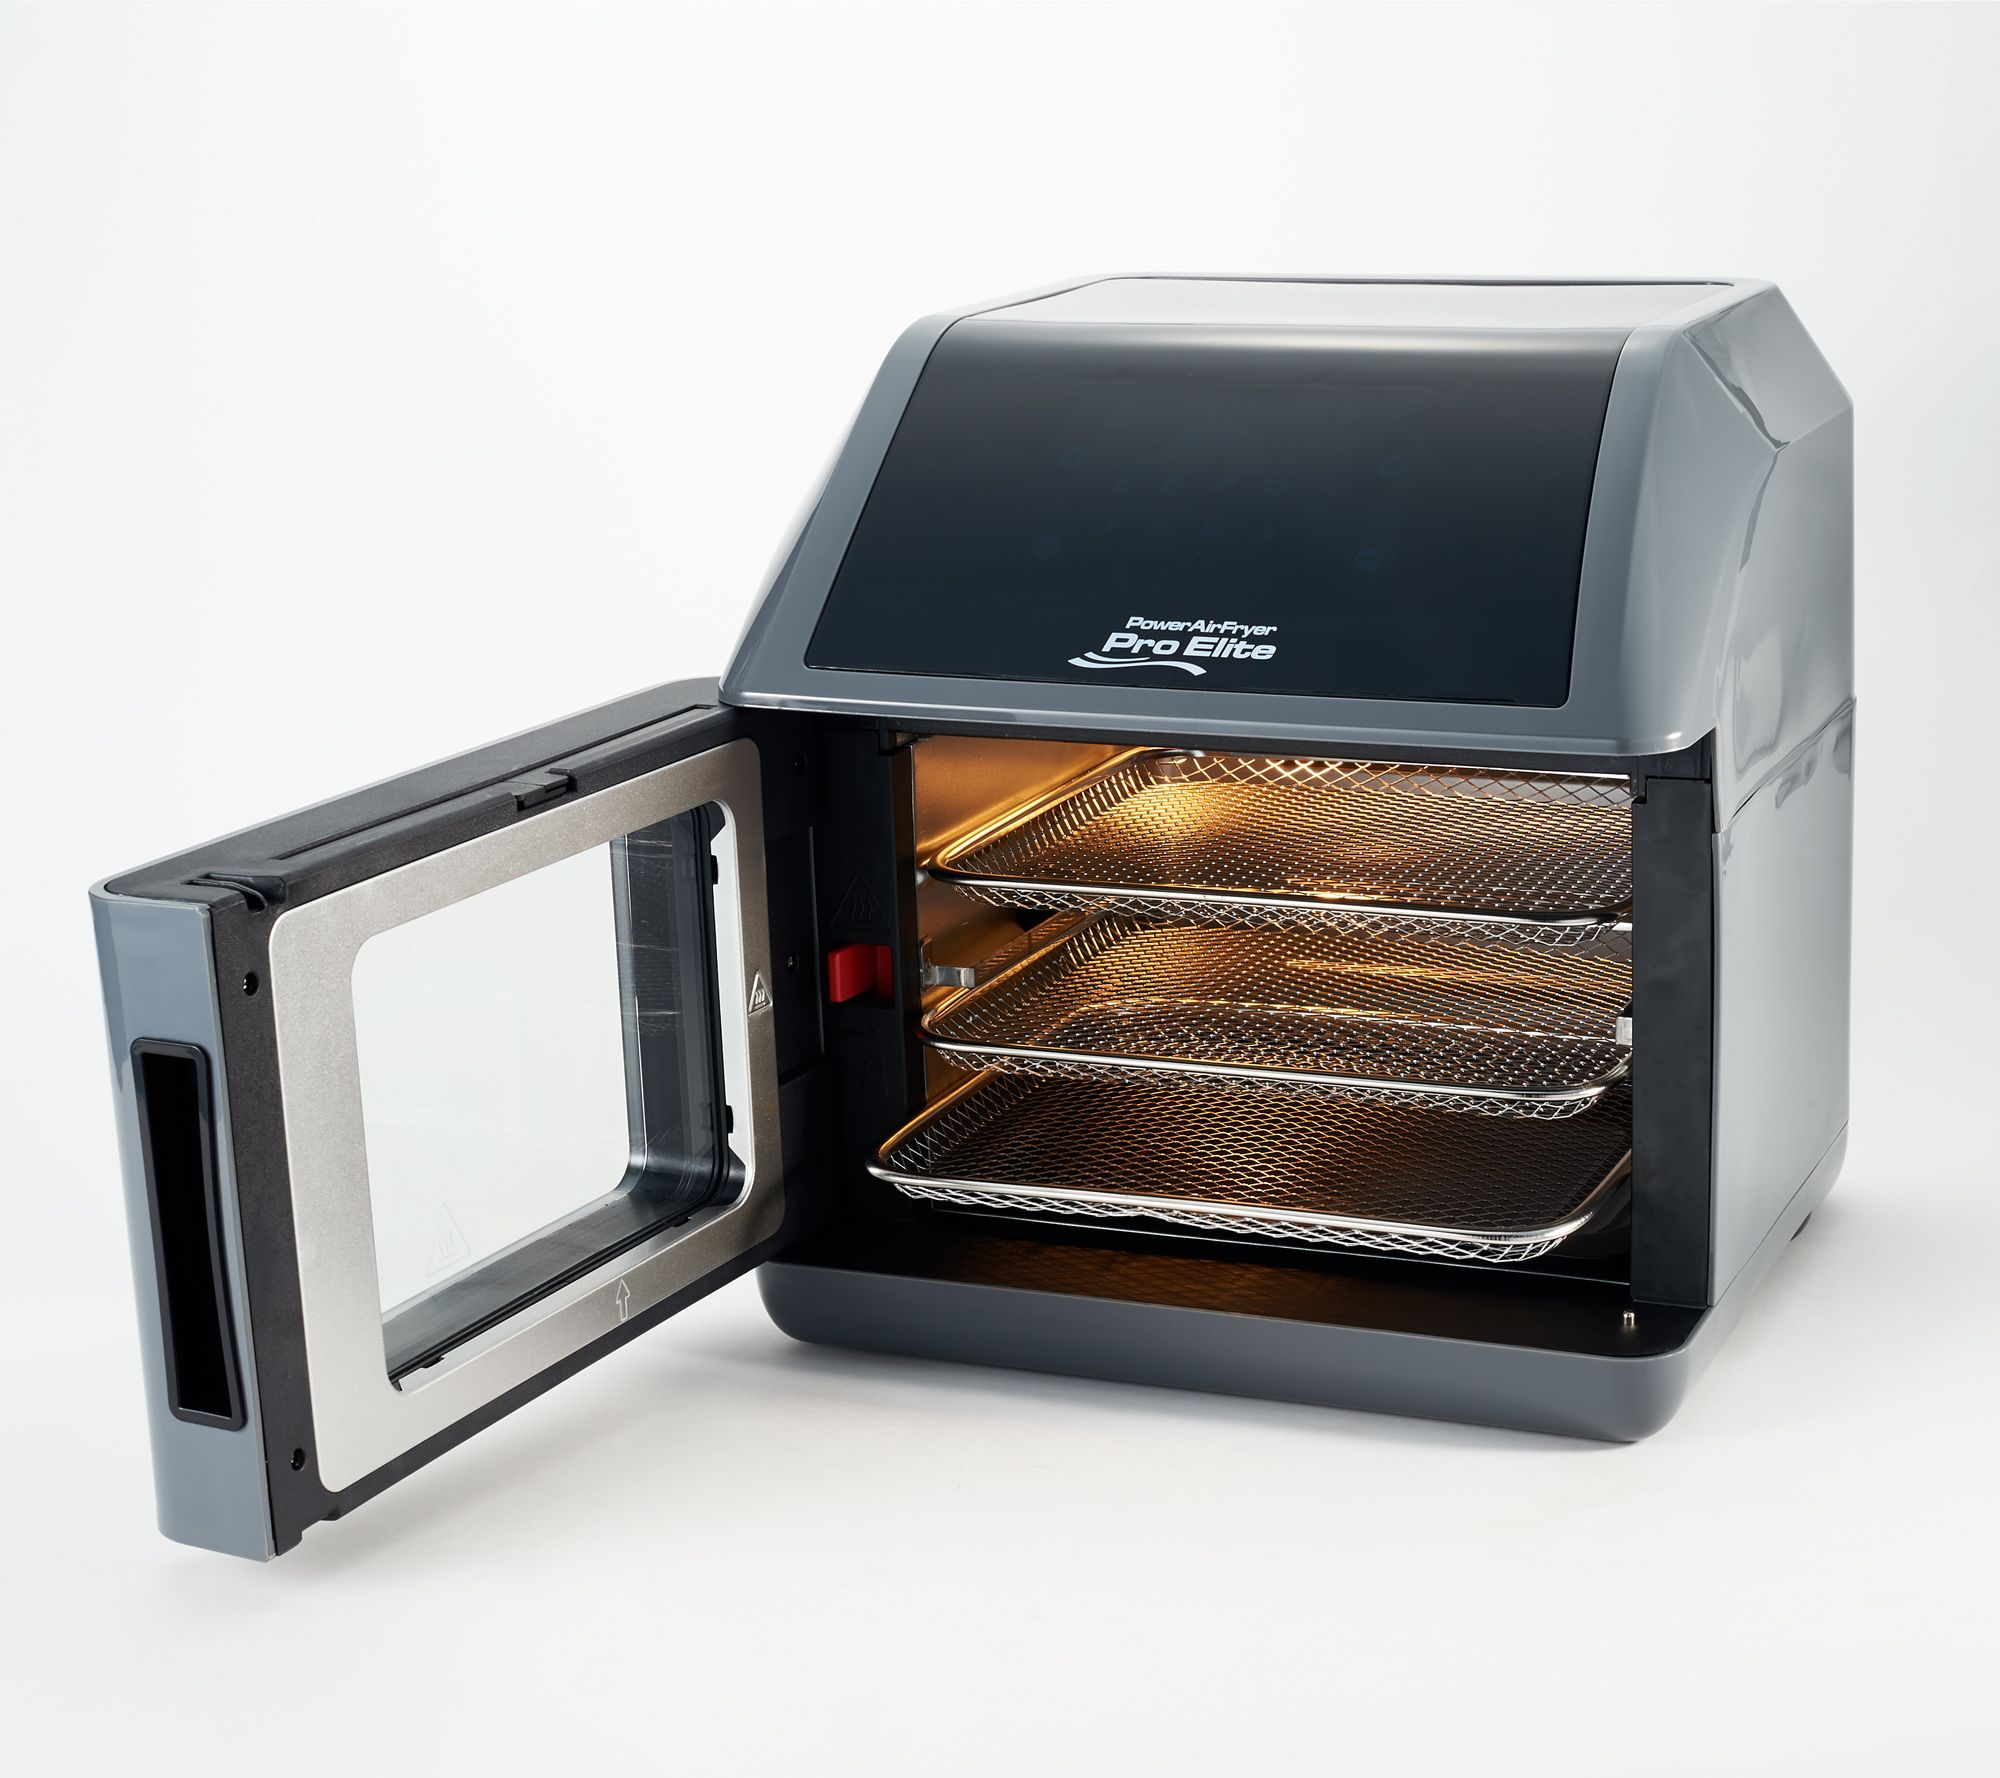 Powerxl 6 Qt Air Fryer 10 In 1 Pro Elite Oven W Book Qvc Com